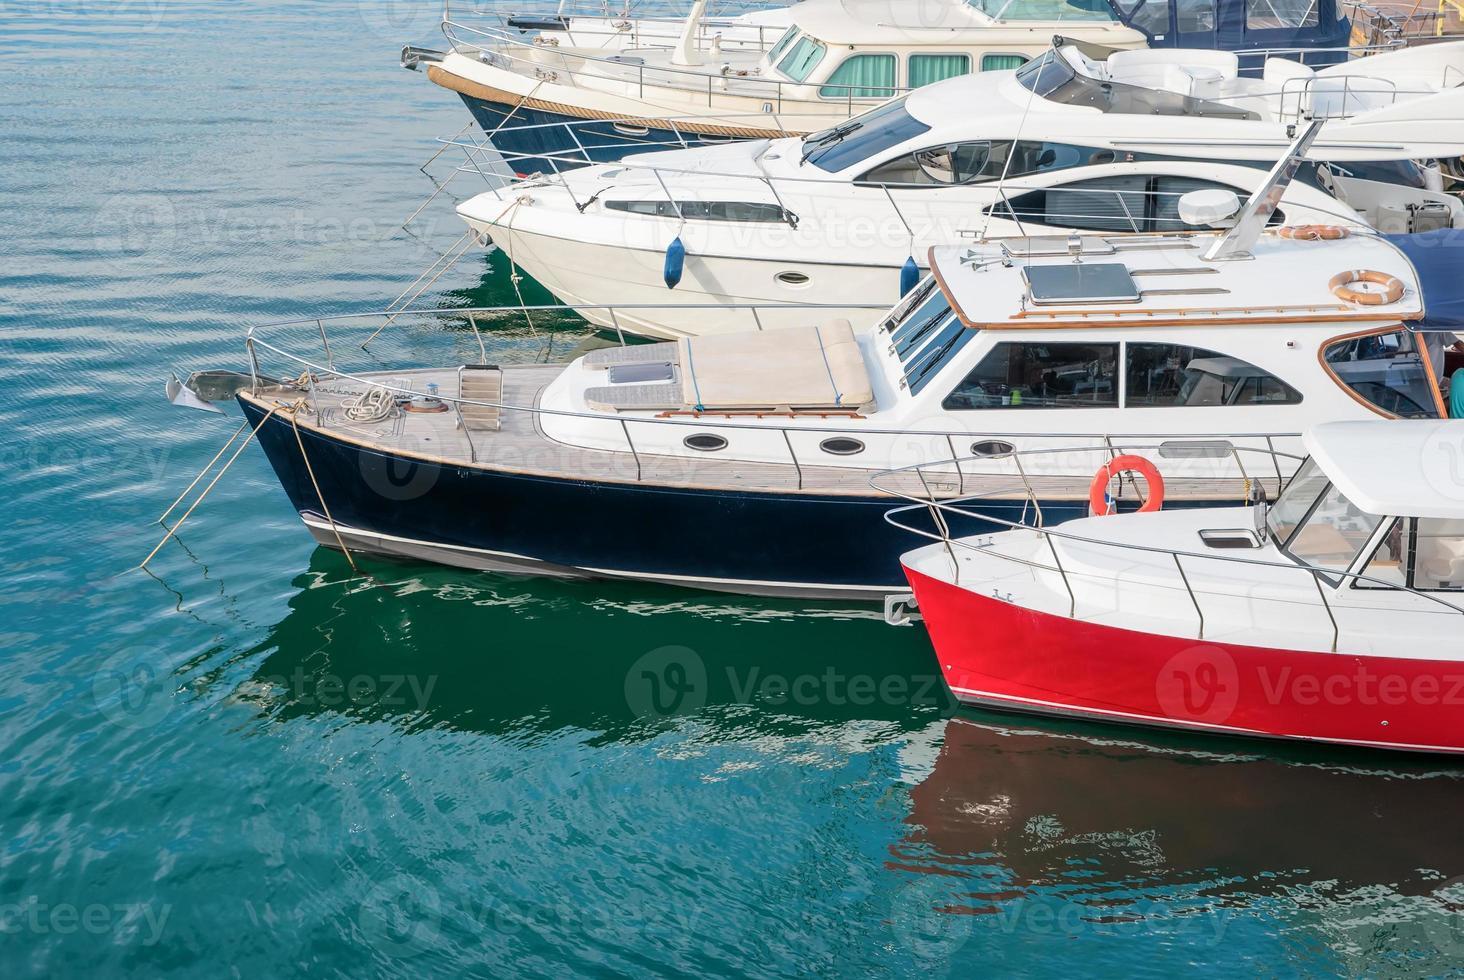 barche e yacht nel porto foto